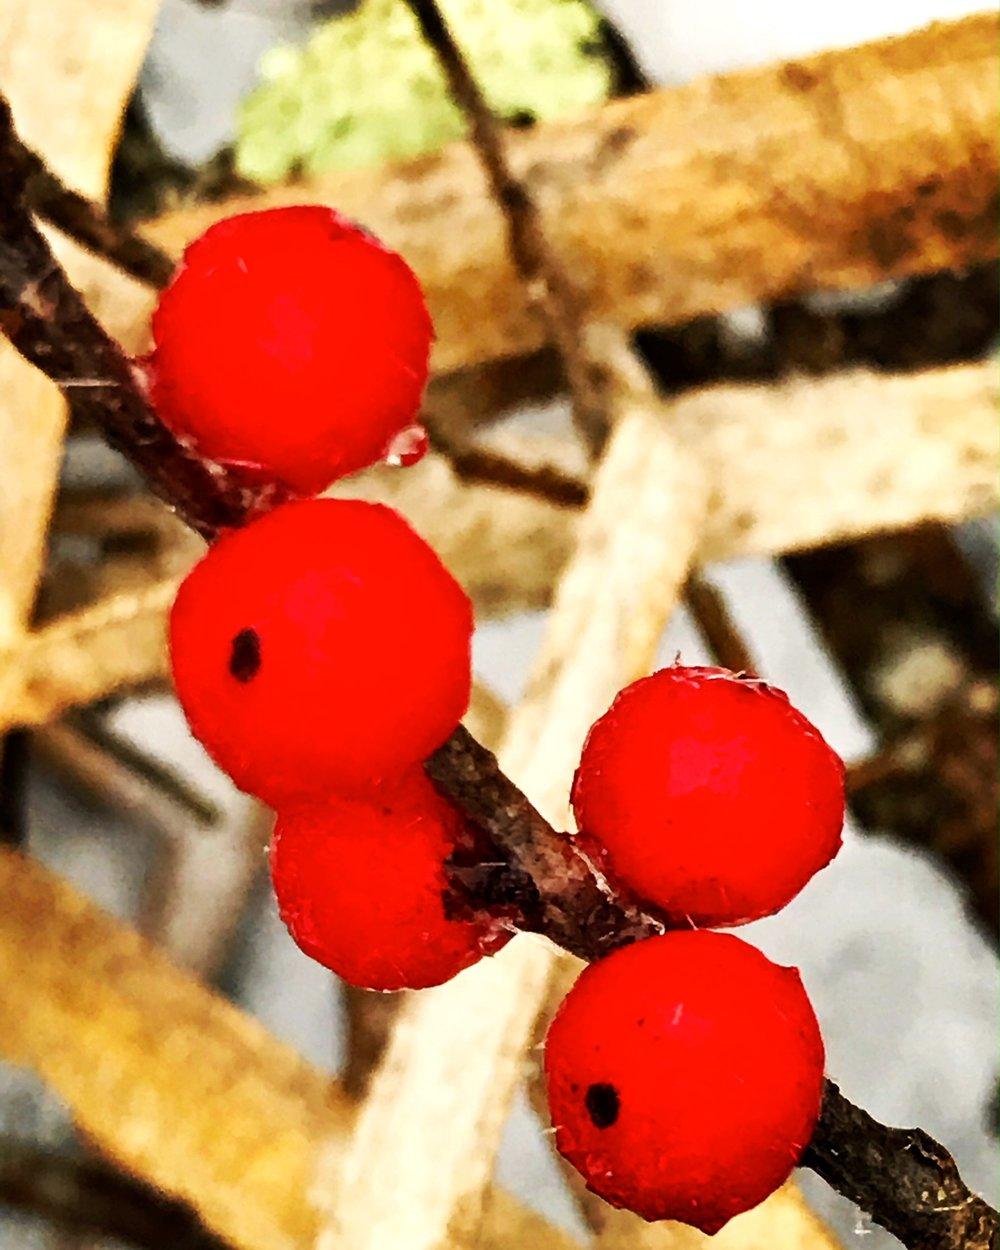 Berries in the swamp